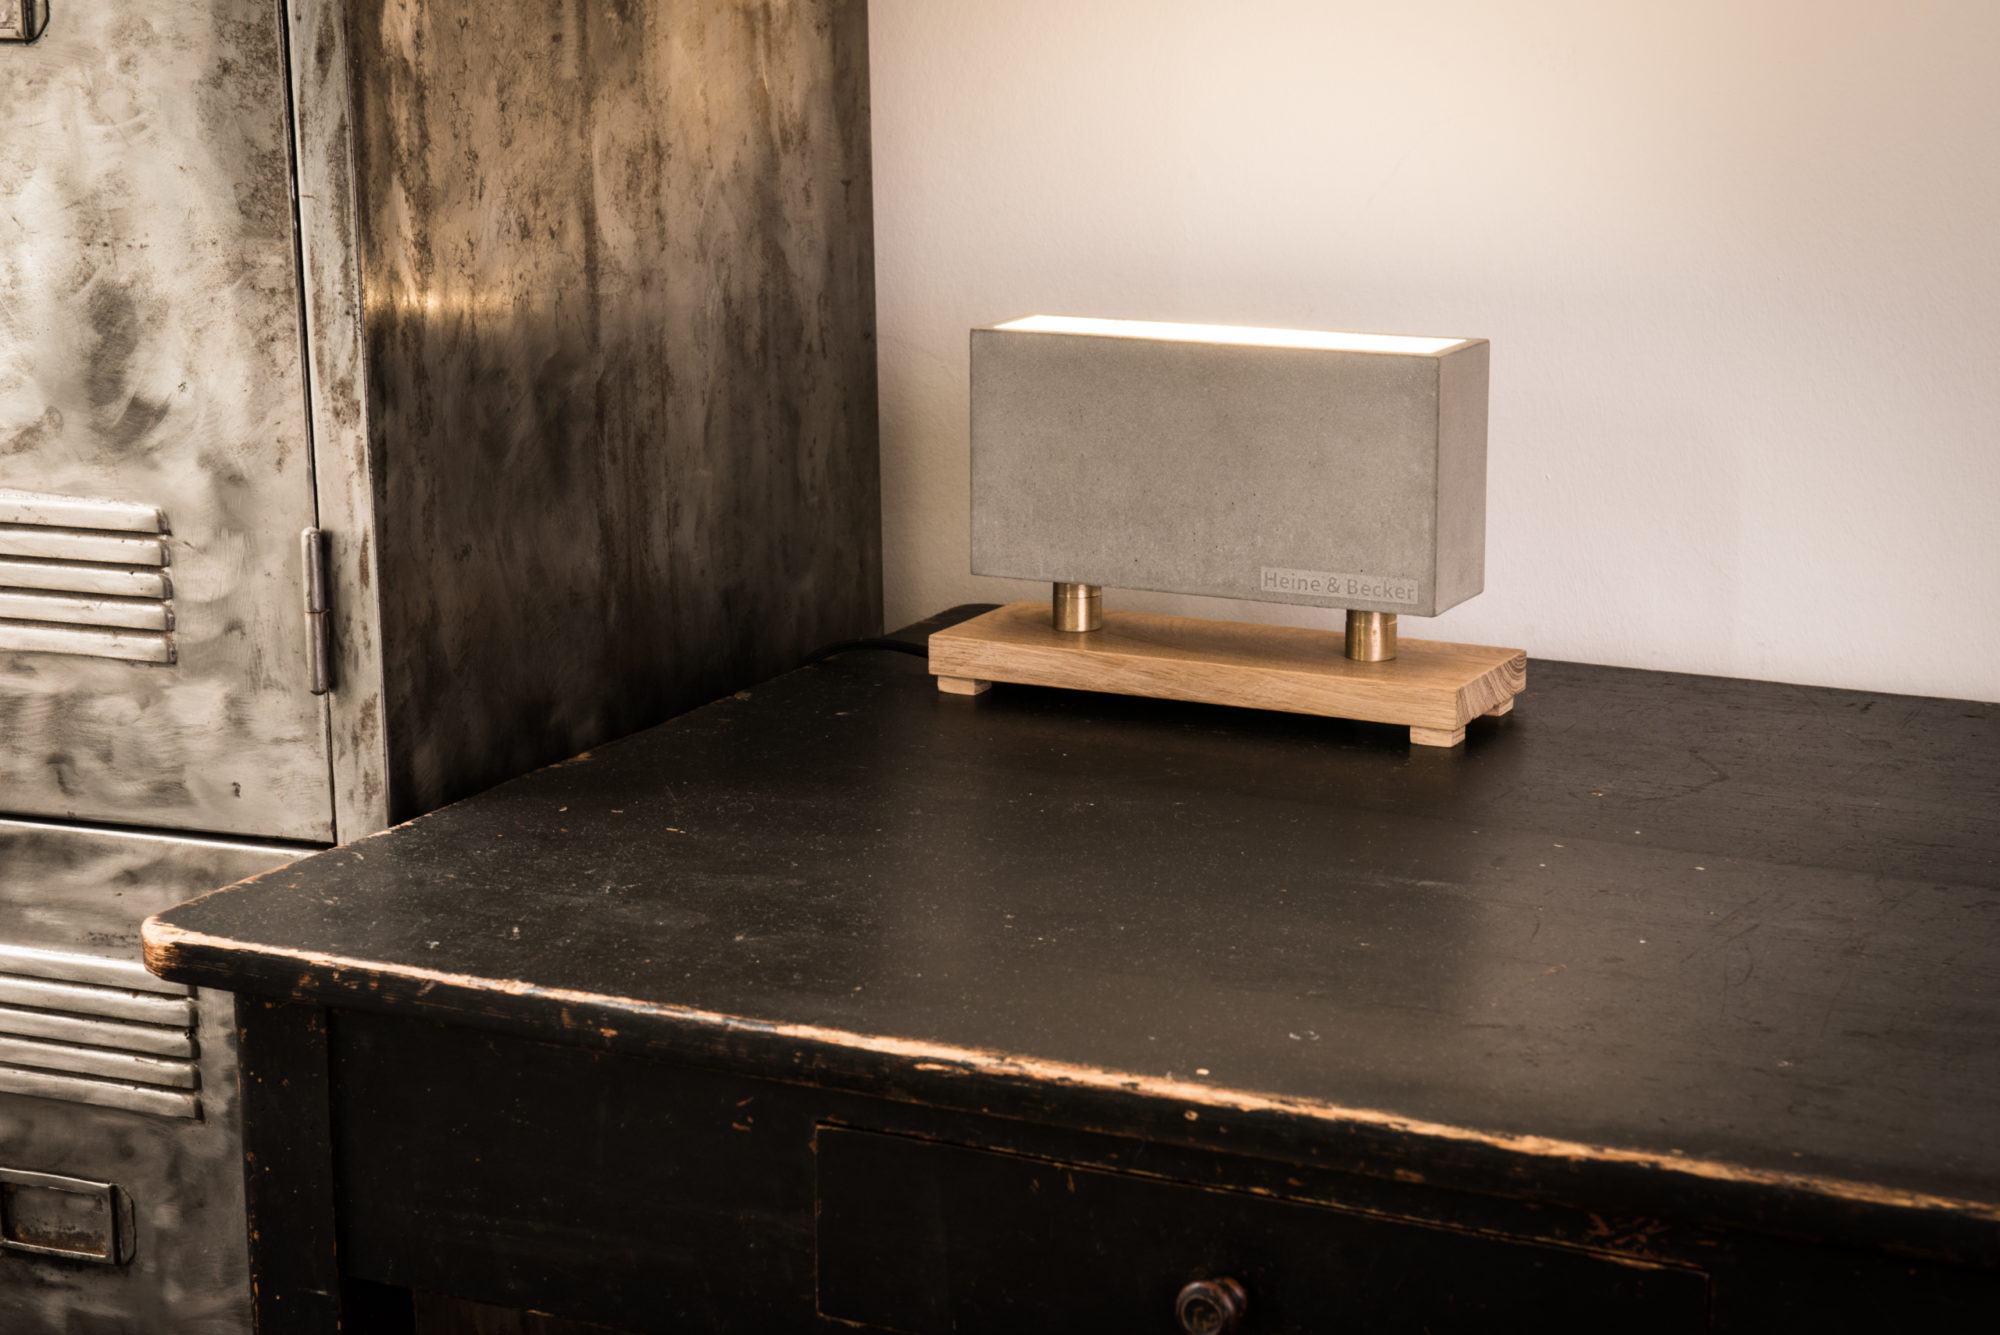 Beton-Wandfluter CARLO aus der Heine & Becker Manufaktur